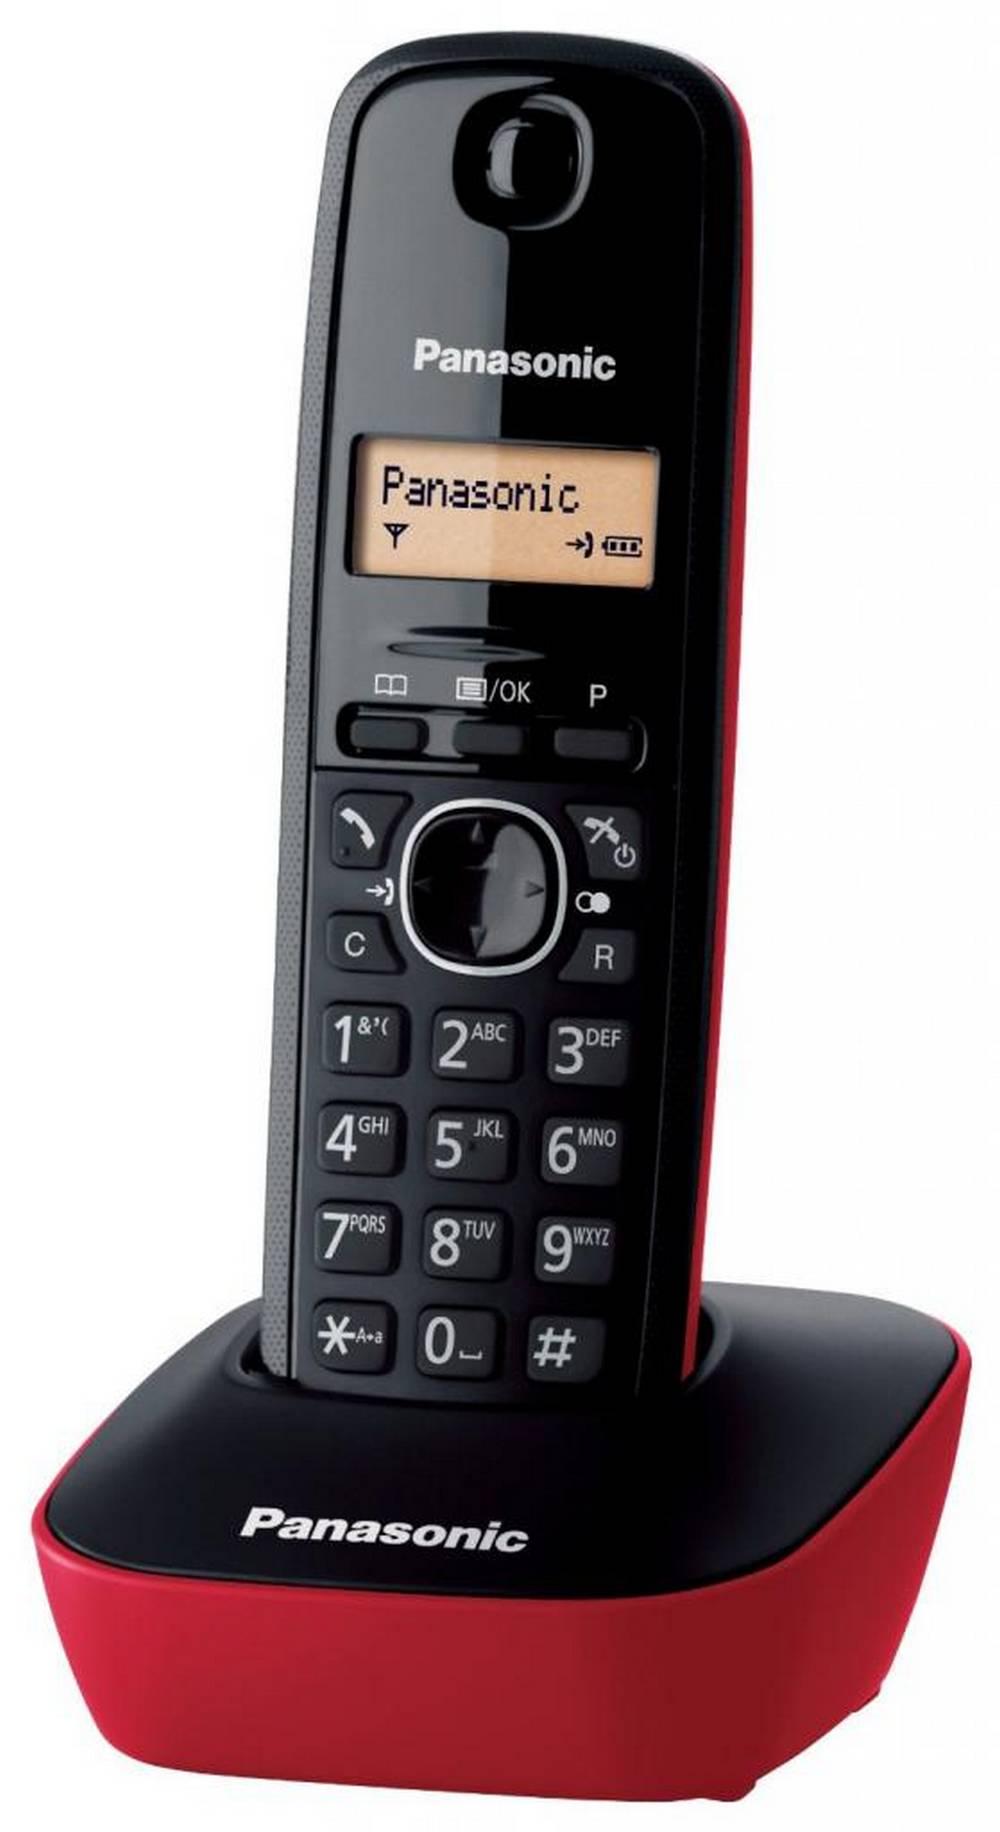 Ασύρματο Ψηφιακό Τηλέφωνο Panasonic KX-TG1611 (EU) Μαύρο-Κόκκινο